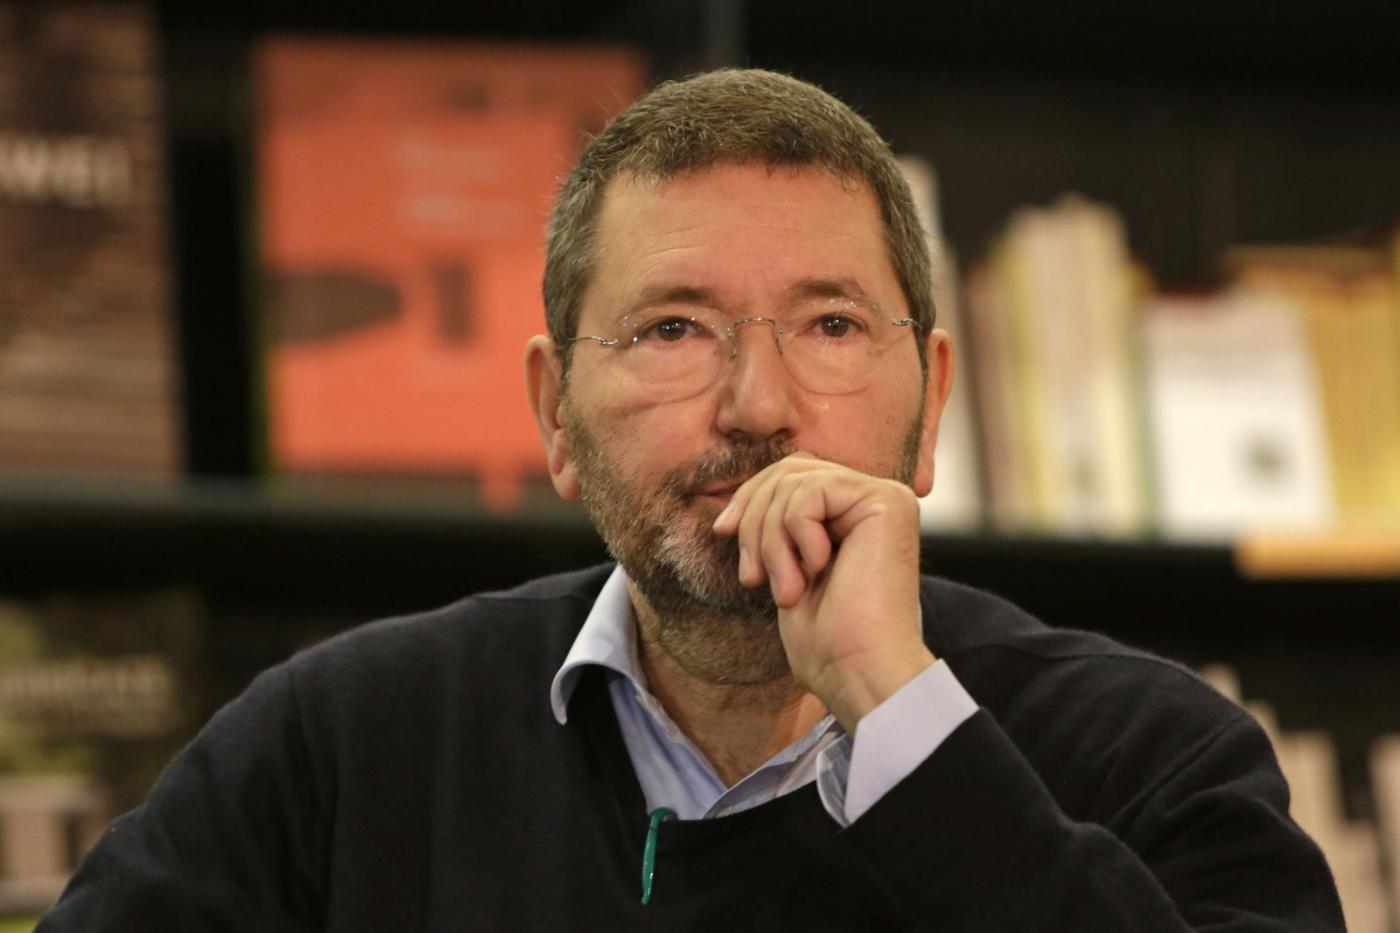 Roma, Ignazio Marino alla presentazione del suo libro 'Un marziano a Roma' alla Feltrinelli